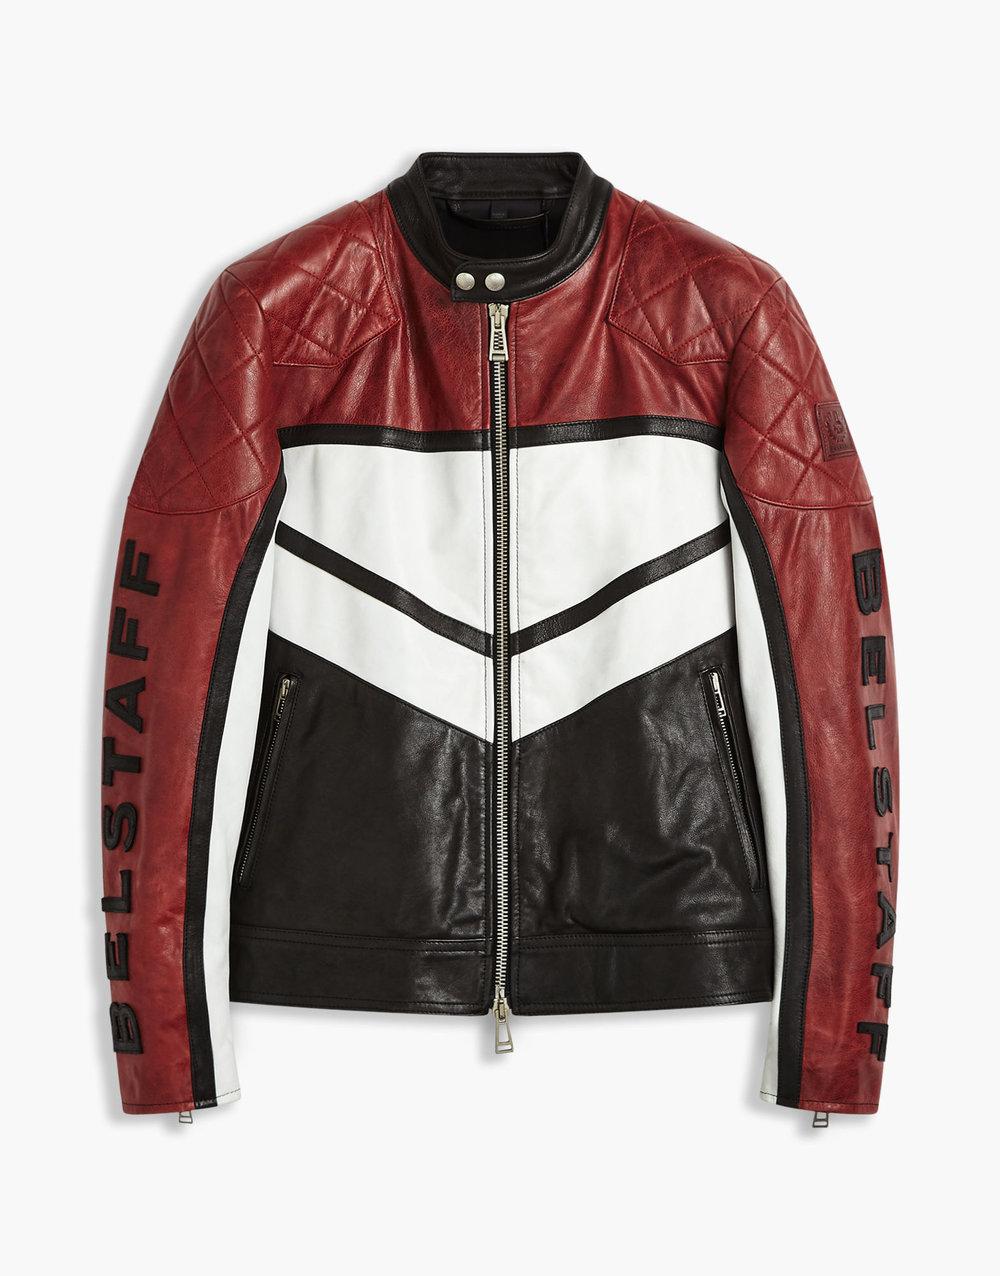 Morleigh biker jacket - £1,450 at Belstaff